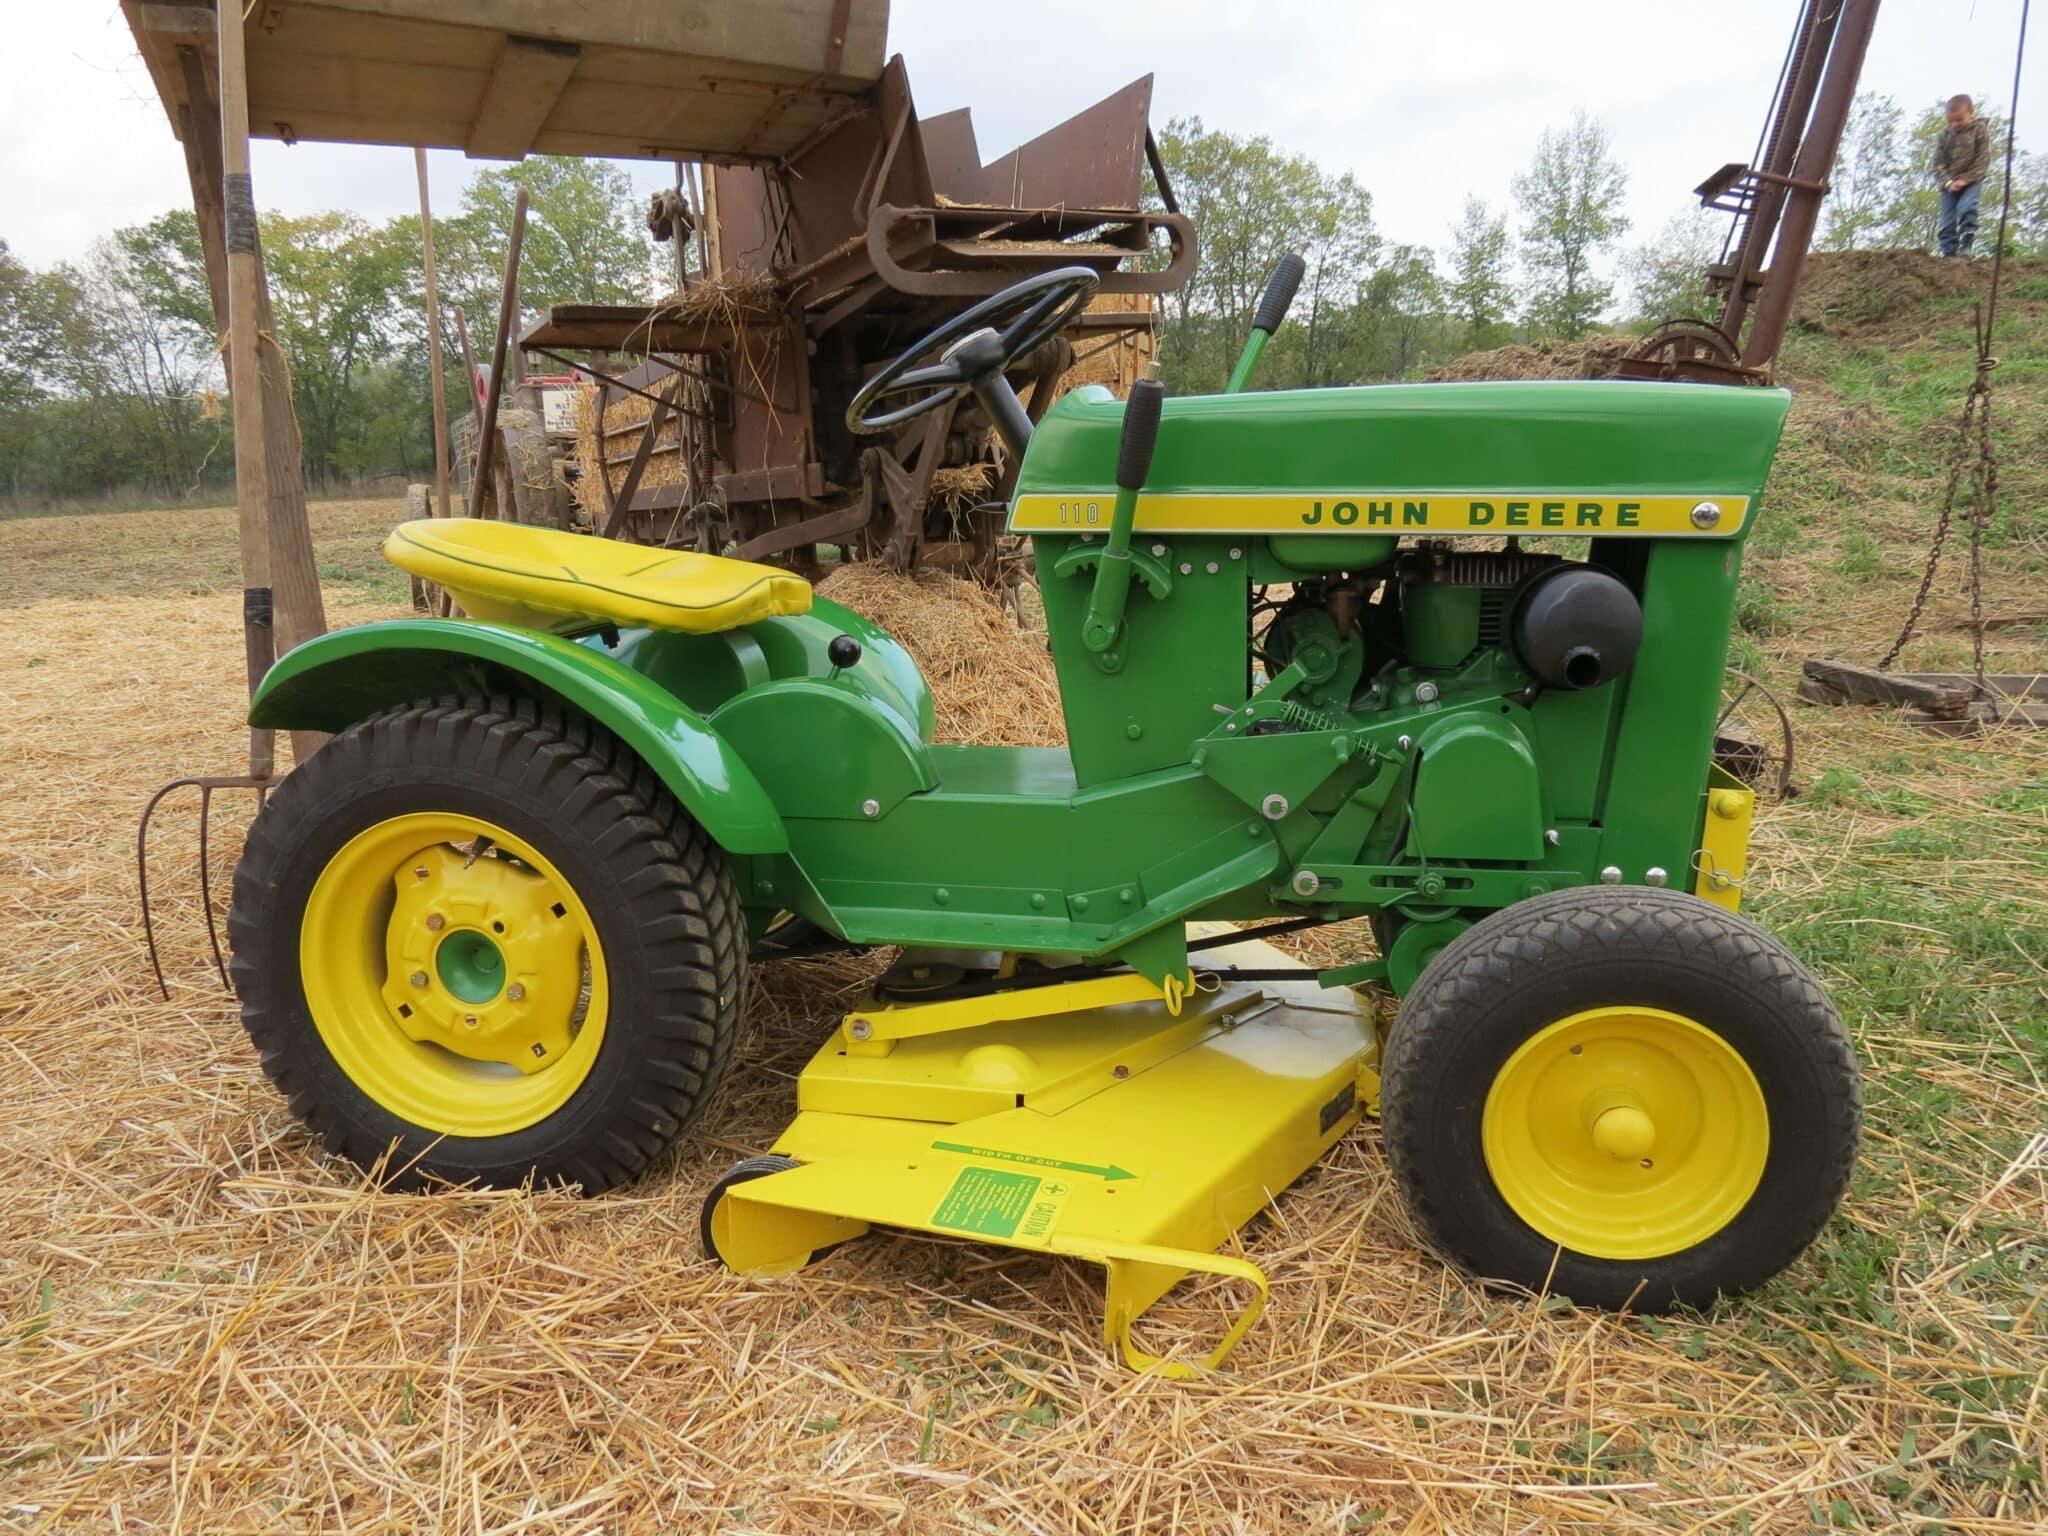 John Deere Lawn Tractor : John deere weekend of freedom event schedule dodge